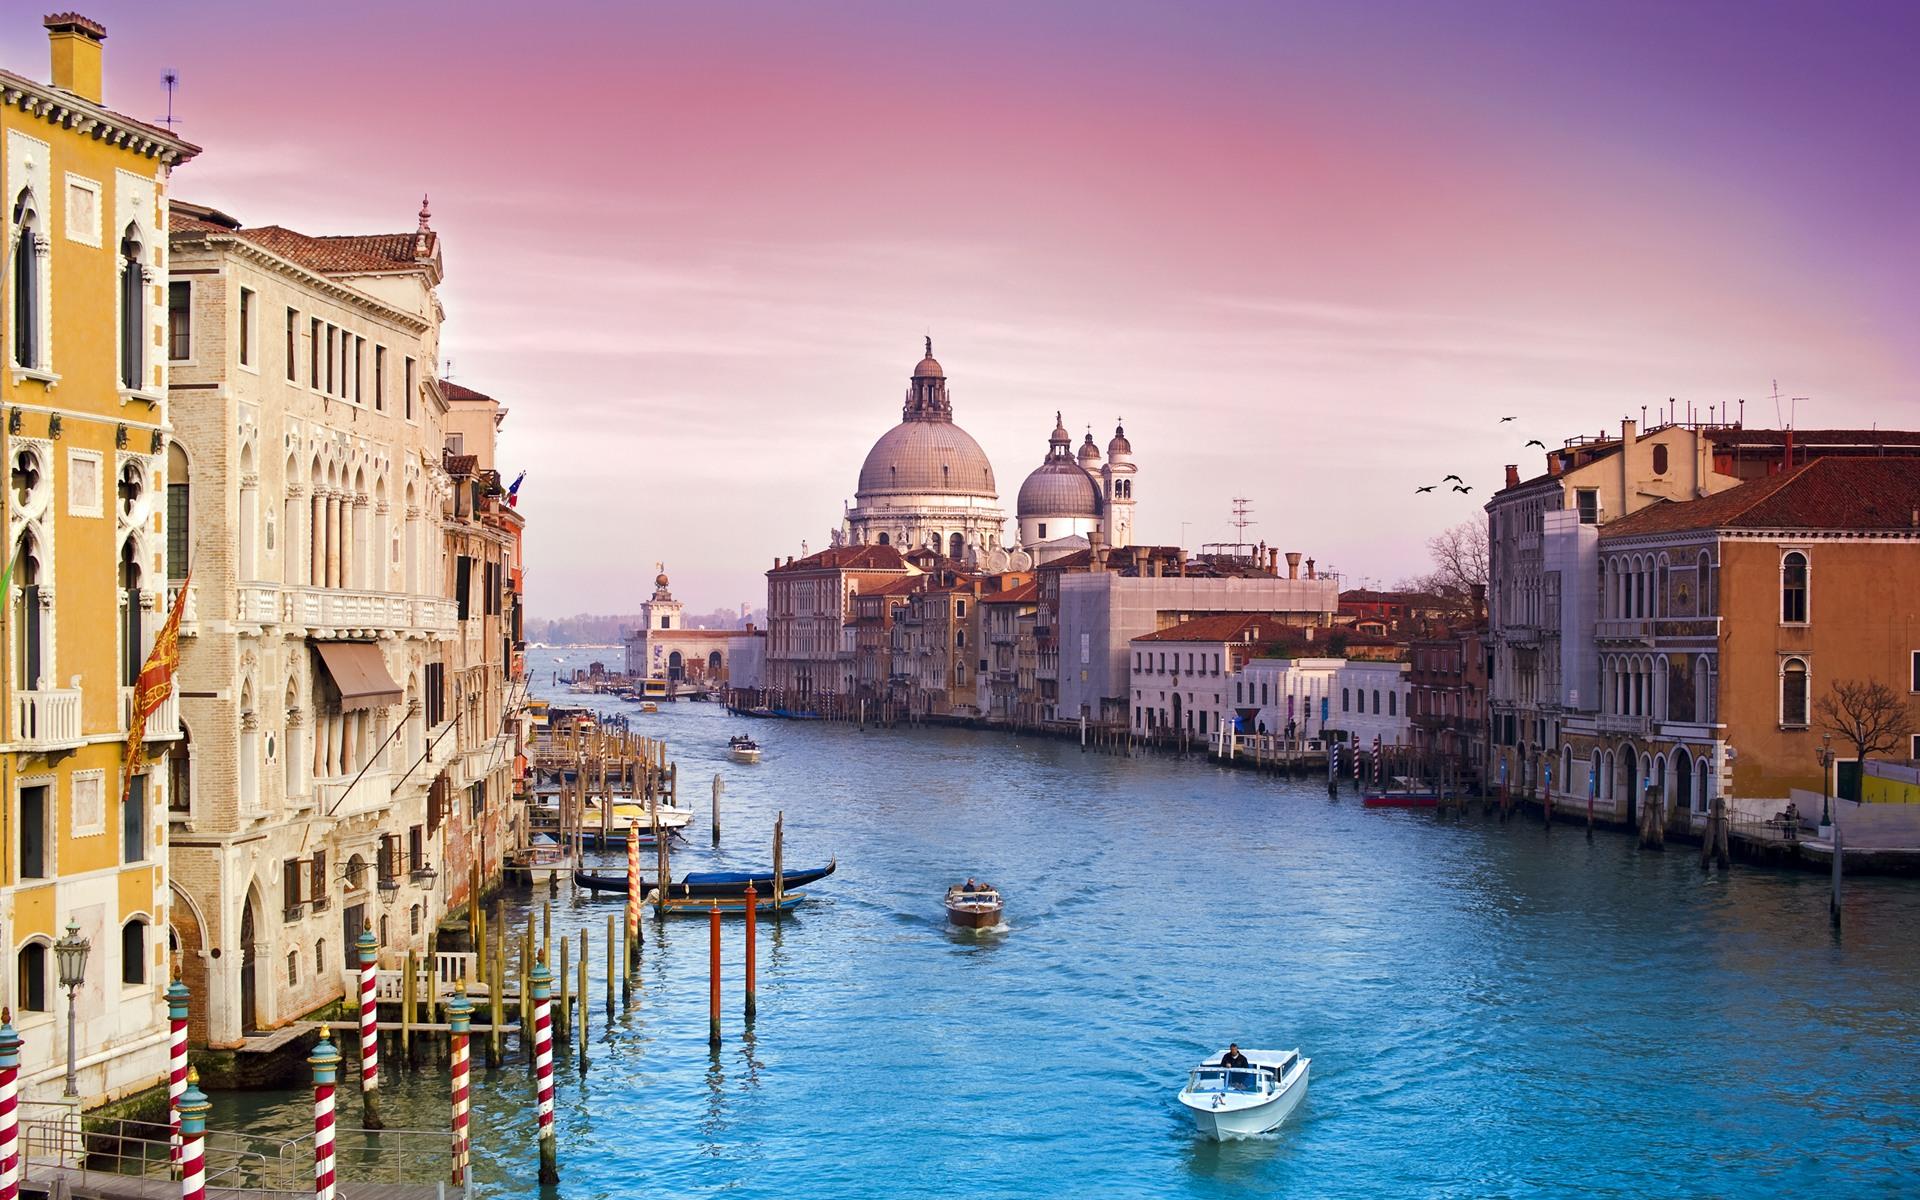 Venice-(Italy)